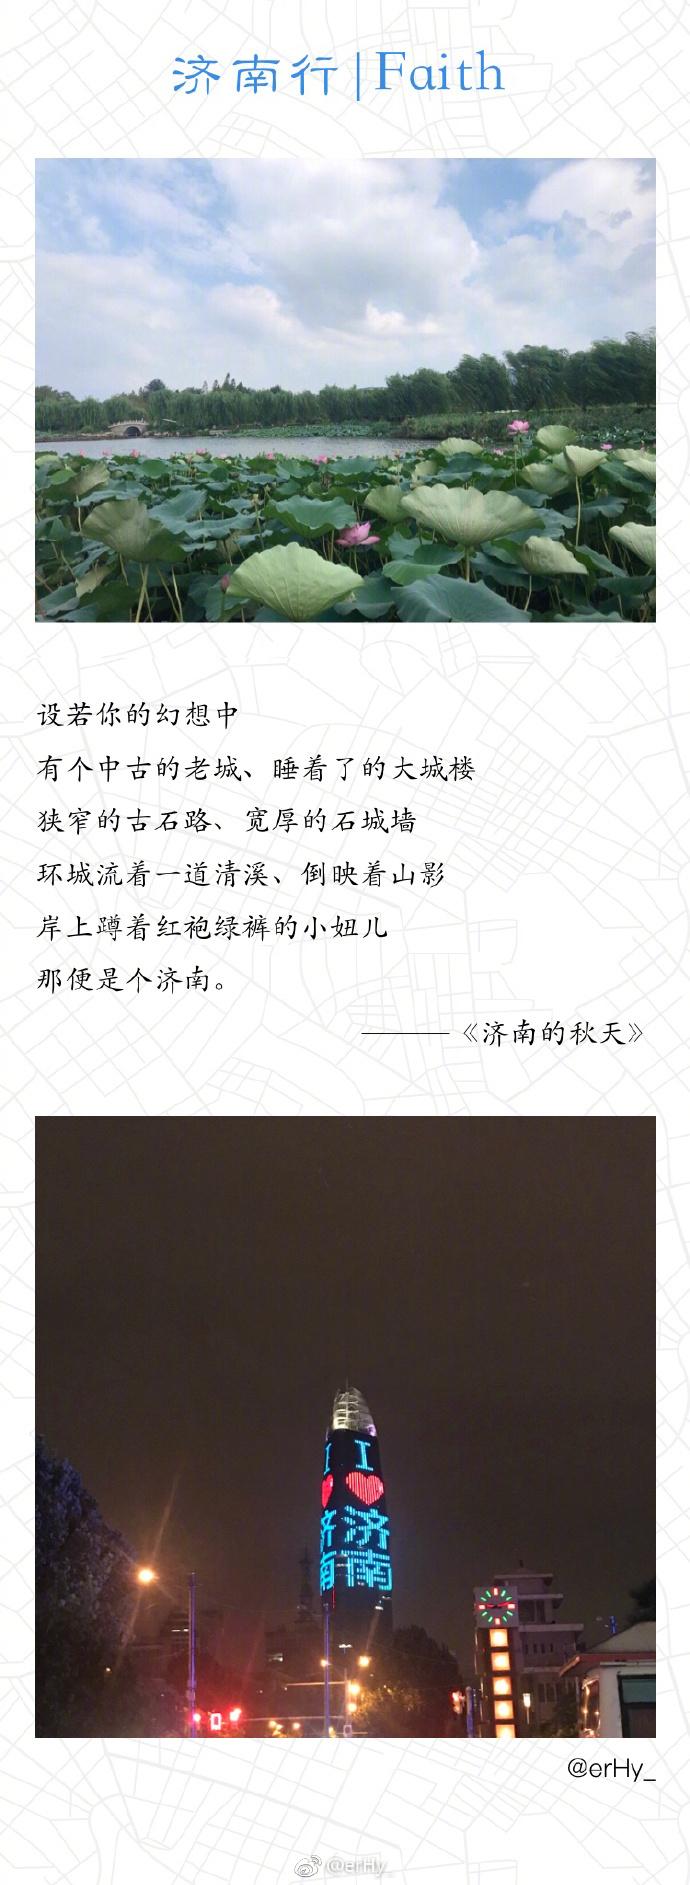 """济南旅游攻略在济南 感受老舍笔下的温情体验 """"四面荷花三面柳 一"""